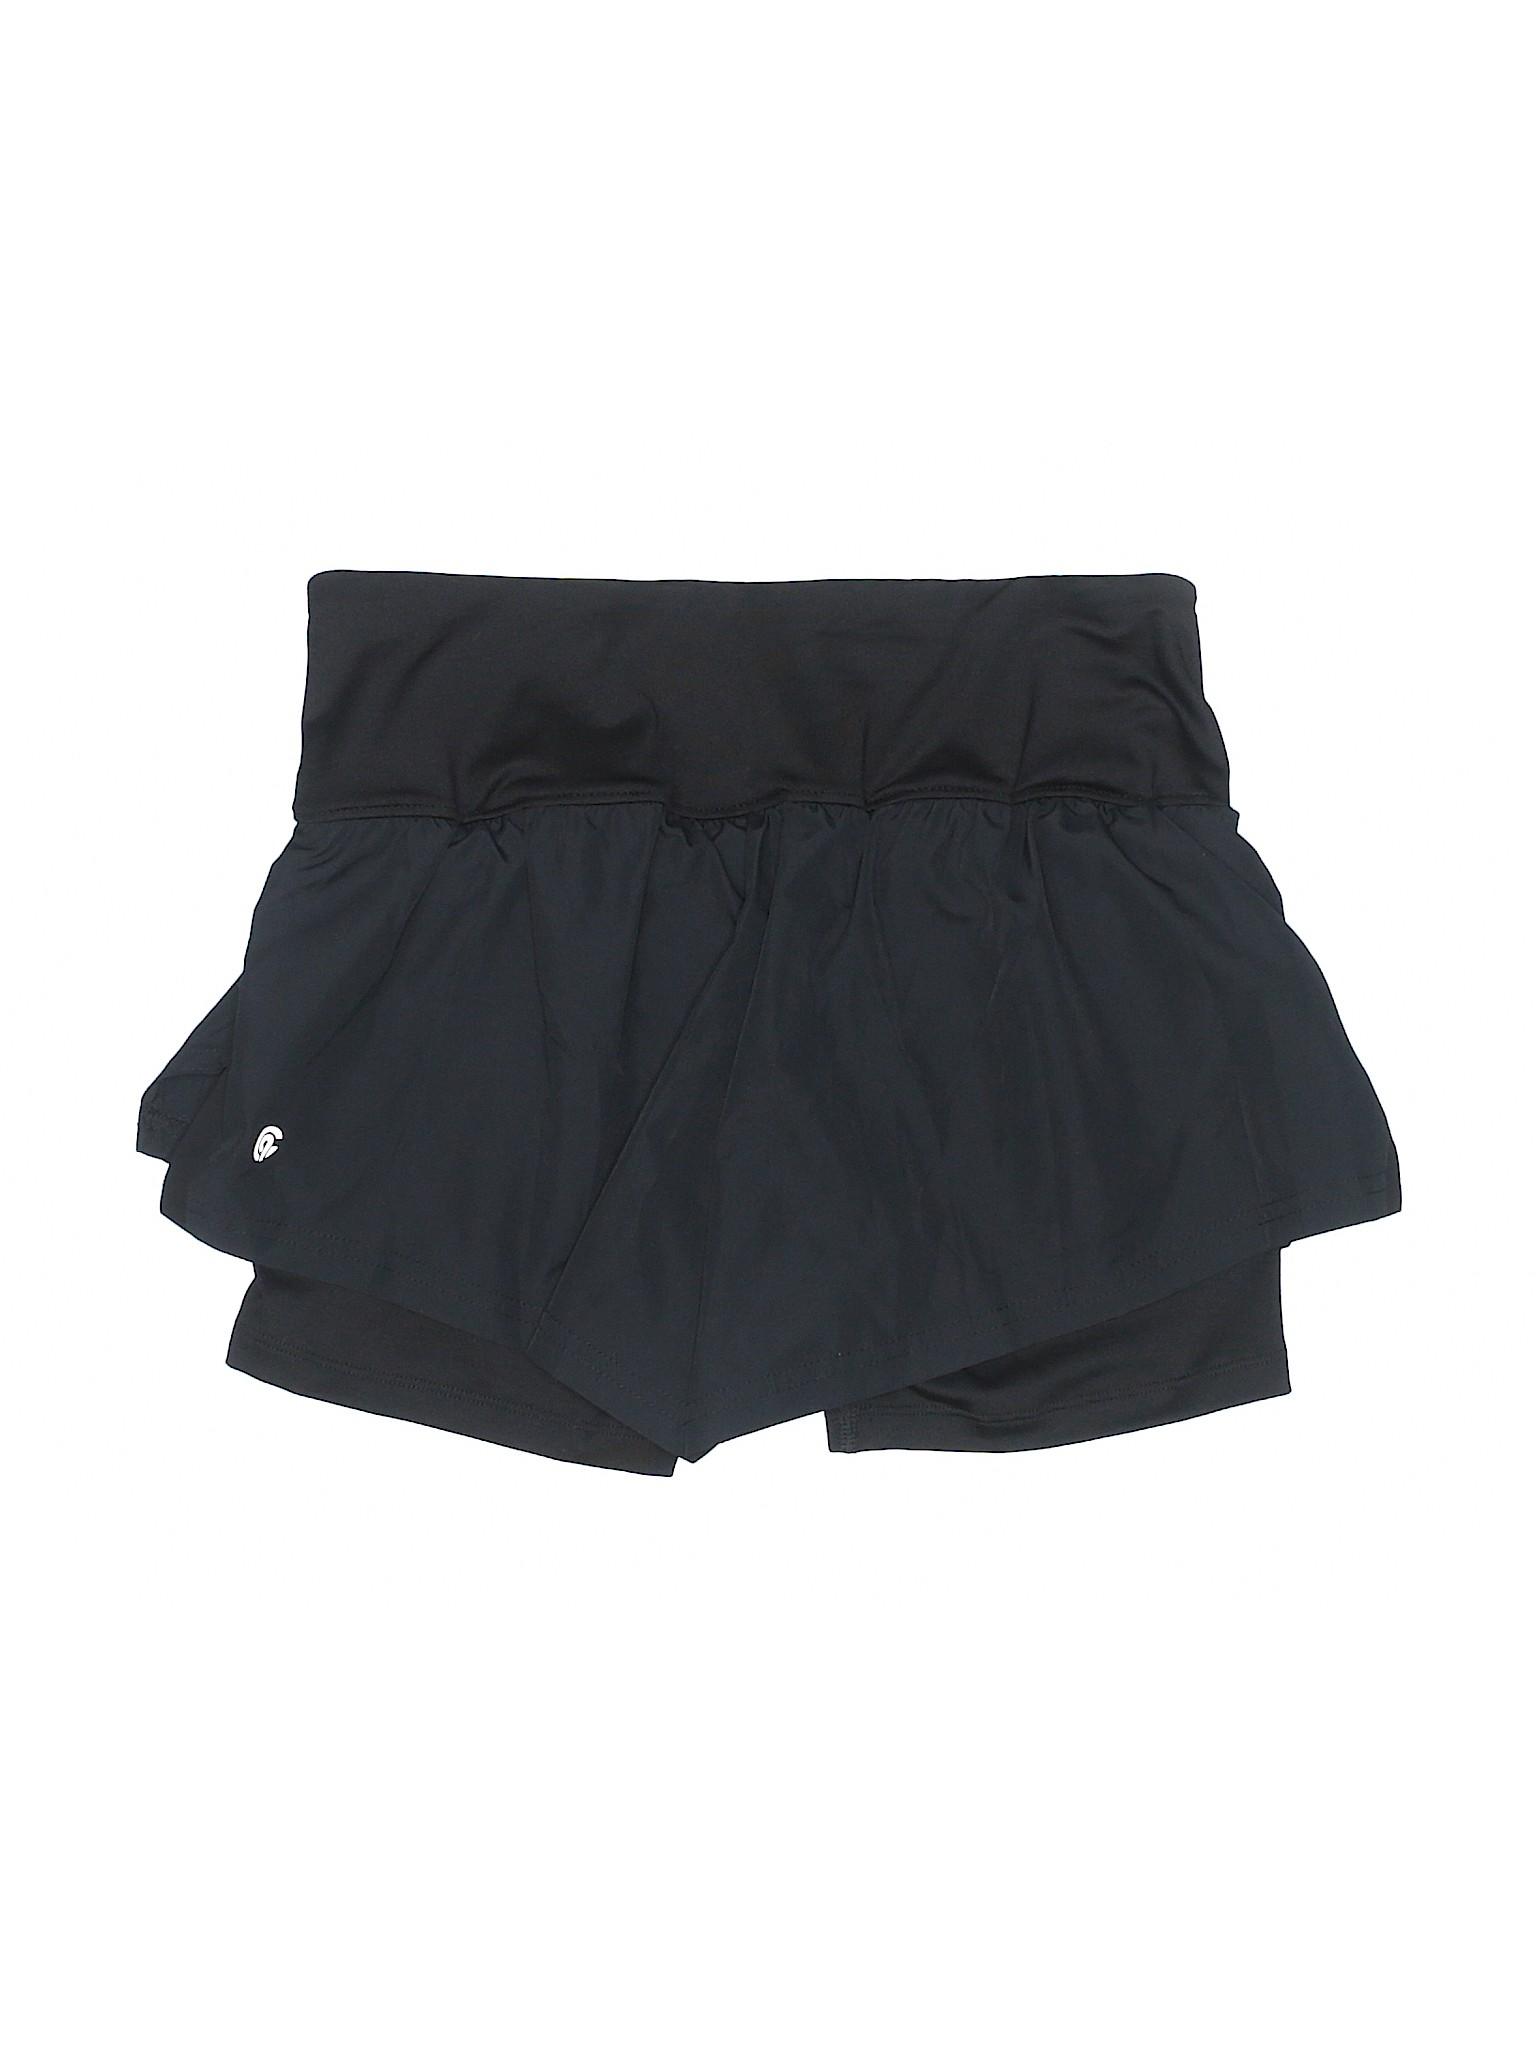 Boutique Champion Shorts Boutique Champion Athletic p0ErpnqP